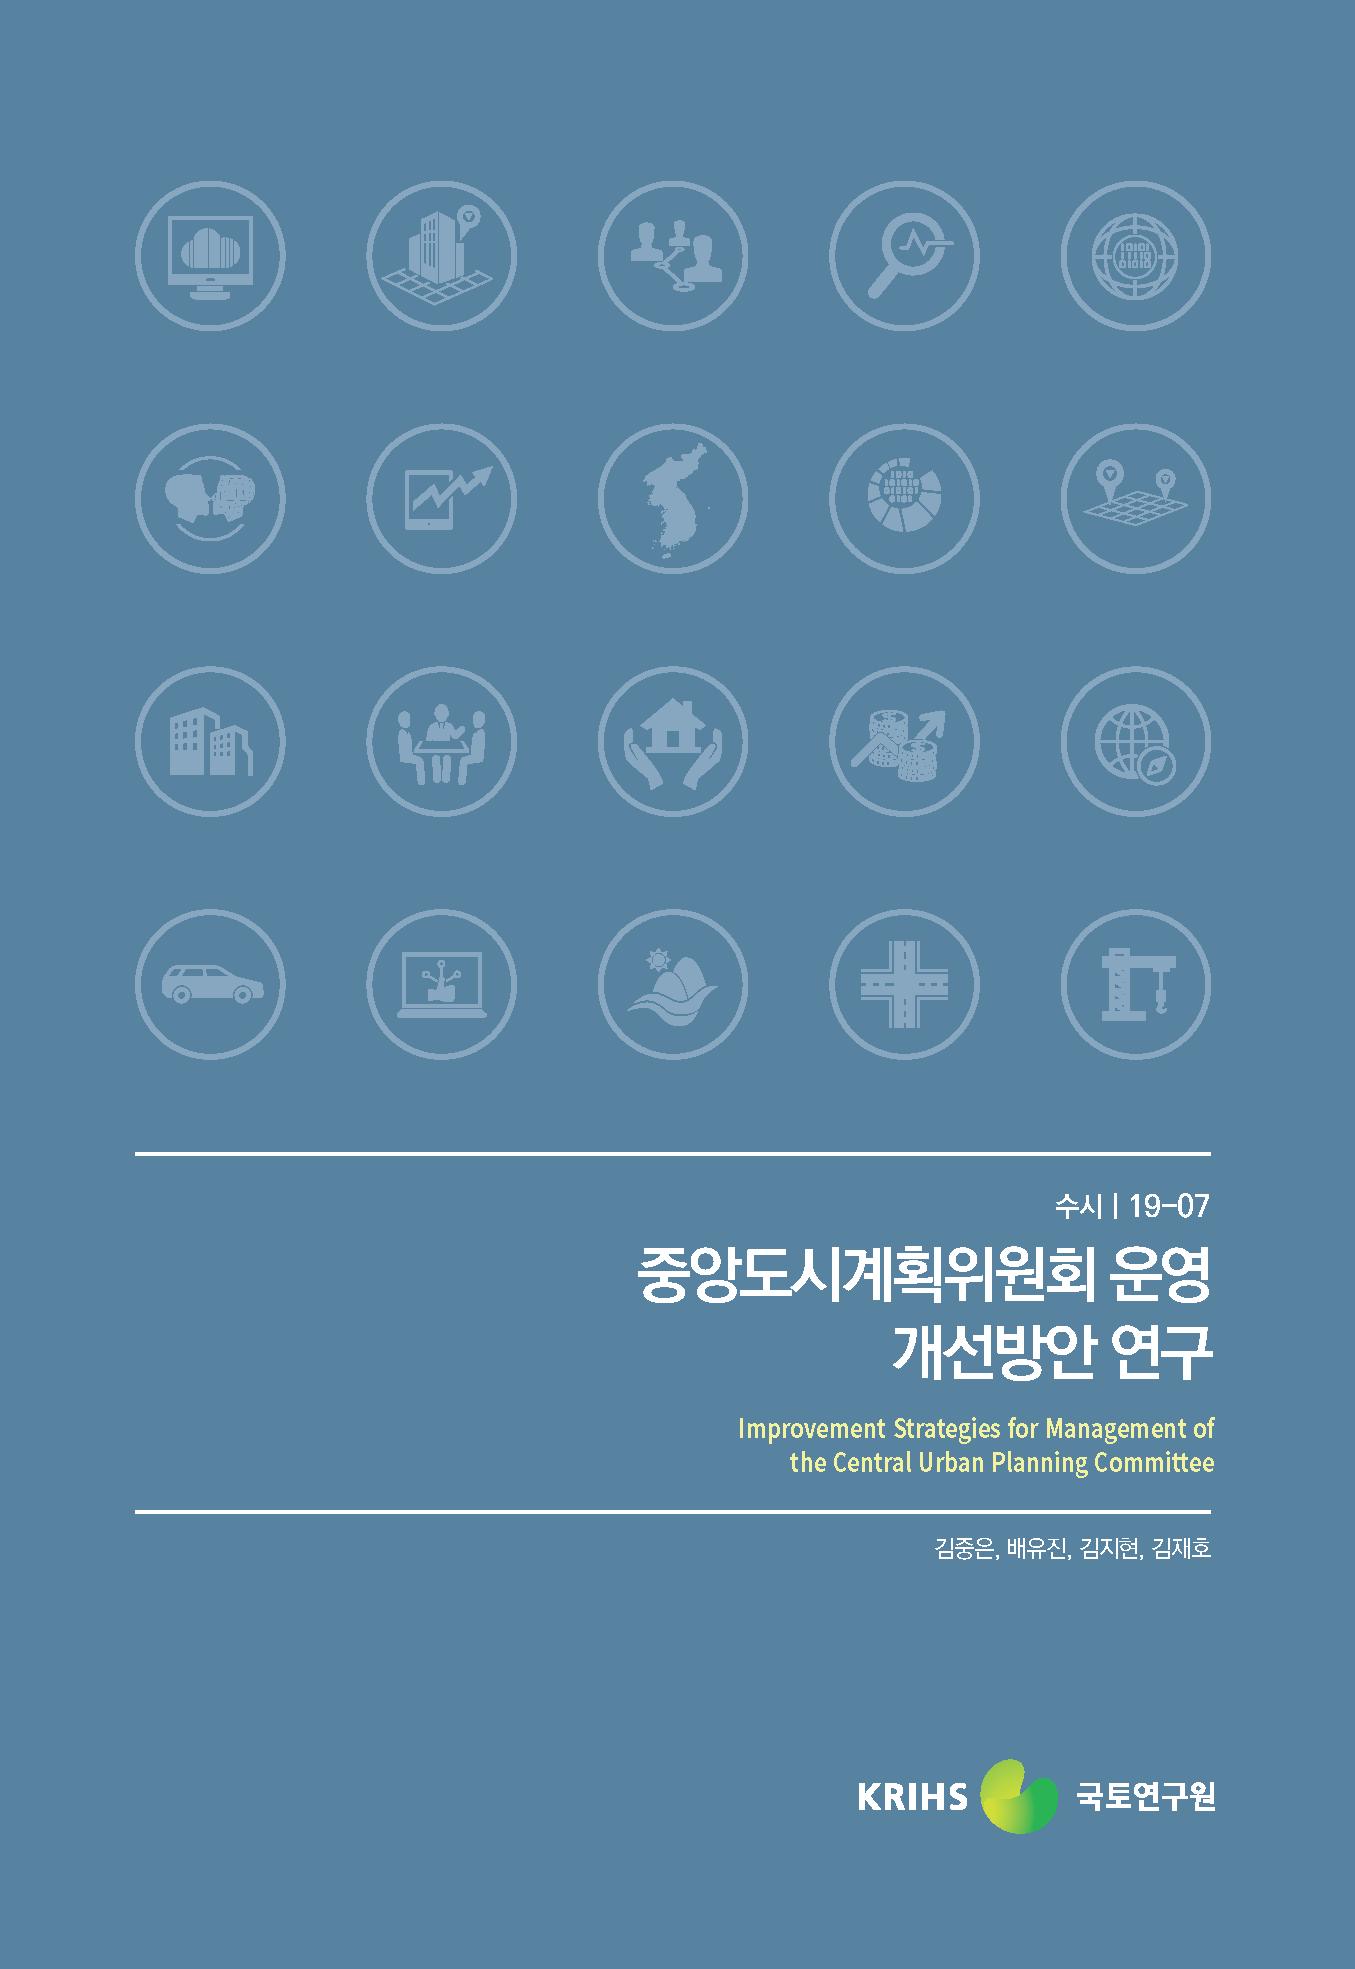 중앙도시계획위원회 운영 개선방안 연구